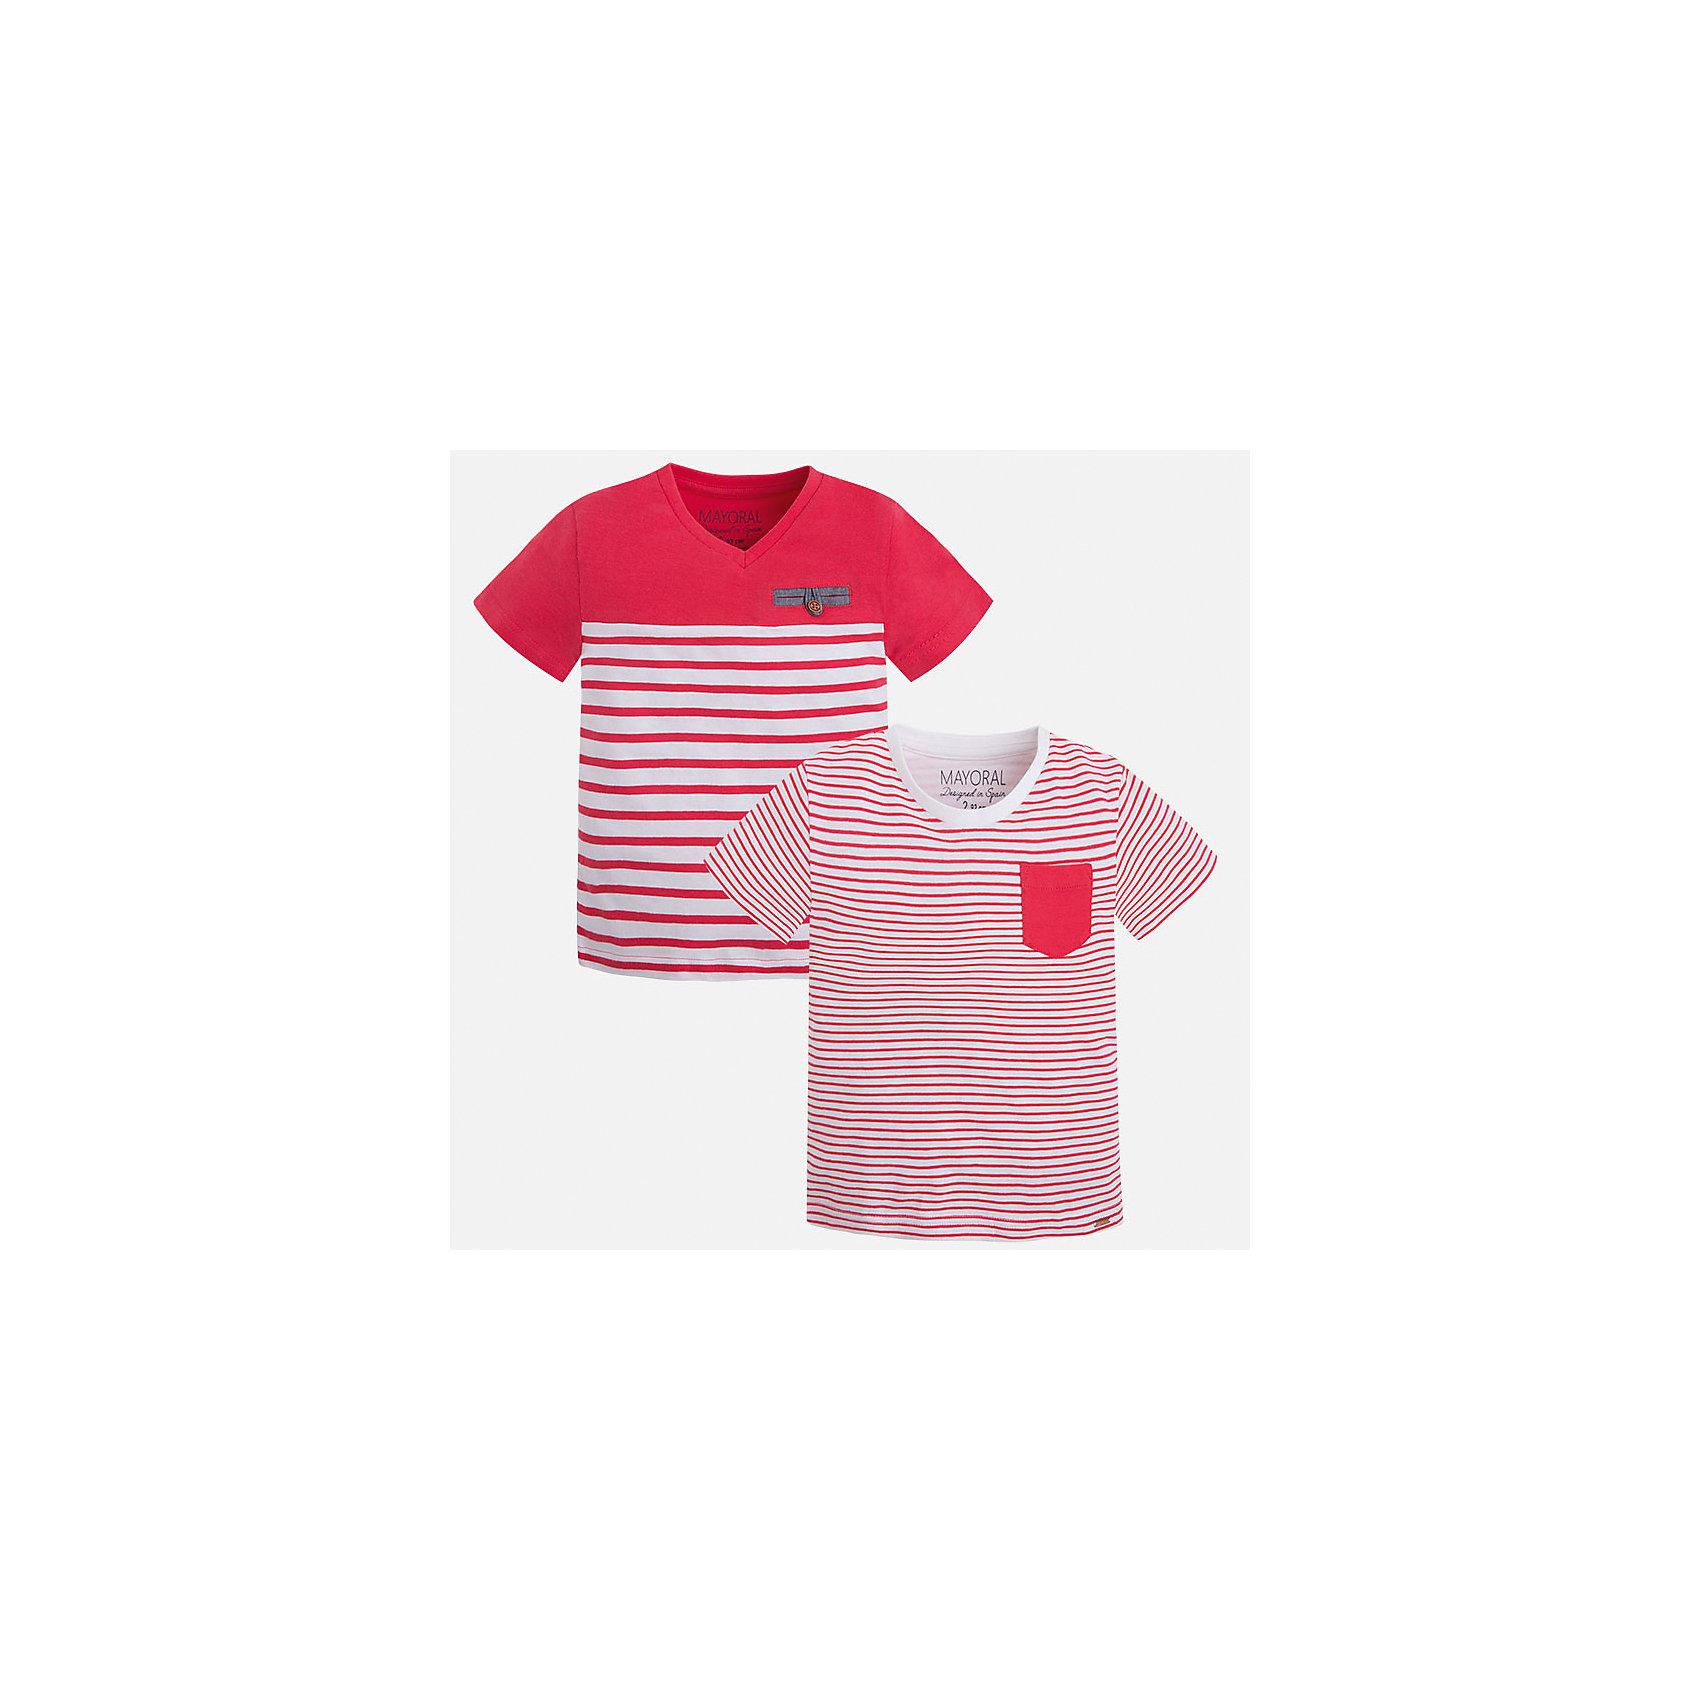 Футболка (2 шт.) для мальчика MayoralХарактеристики товара:<br><br>• цвет: красный/белый<br>• состав: 100% хлопок<br>• комплектация: 2 шт<br>• декорированы кармашком на груди<br>• короткие рукава<br>• отделка горловины<br>• страна бренда: Испания<br><br>Модная удобная футболка с принтом поможет разнообразить гардероб мальчика. Она отлично сочетается с брюками, шортами, джинсами. Универсальный крой и цвет позволяет подобрать к вещи низ разных расцветок. Практичное и стильное изделие! Хорошо смотрится и комфортно сидит на детях. В составе материала - только натуральный хлопок, гипоаллергенный, приятный на ощупь, дышащий. <br><br>Одежда, обувь и аксессуары от испанского бренда Mayoral полюбились детям и взрослым по всему миру. Модели этой марки - стильные и удобные. Для их производства используются только безопасные, качественные материалы и фурнитура. Порадуйте ребенка модными и красивыми вещами от Mayoral! <br><br>Футболку (2 шт.) для мальчика от испанского бренда Mayoral (Майорал) можно купить в нашем интернет-магазине.<br><br>Ширина мм: 199<br>Глубина мм: 10<br>Высота мм: 161<br>Вес г: 151<br>Цвет: красный<br>Возраст от месяцев: 84<br>Возраст до месяцев: 96<br>Пол: Мужской<br>Возраст: Детский<br>Размер: 128,134,116,110,104,98,92,122<br>SKU: 5279944